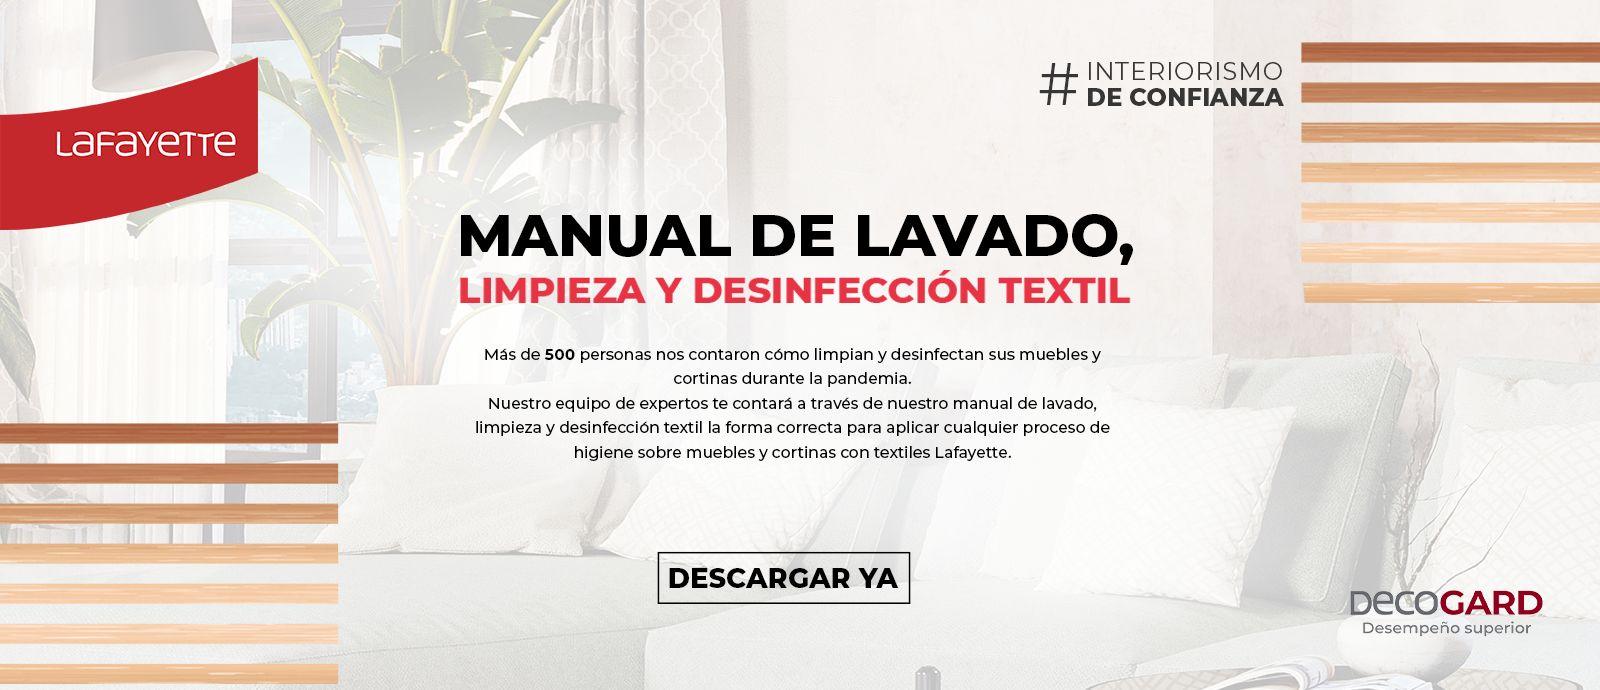 Manual-lavado-limpieza-desinfección